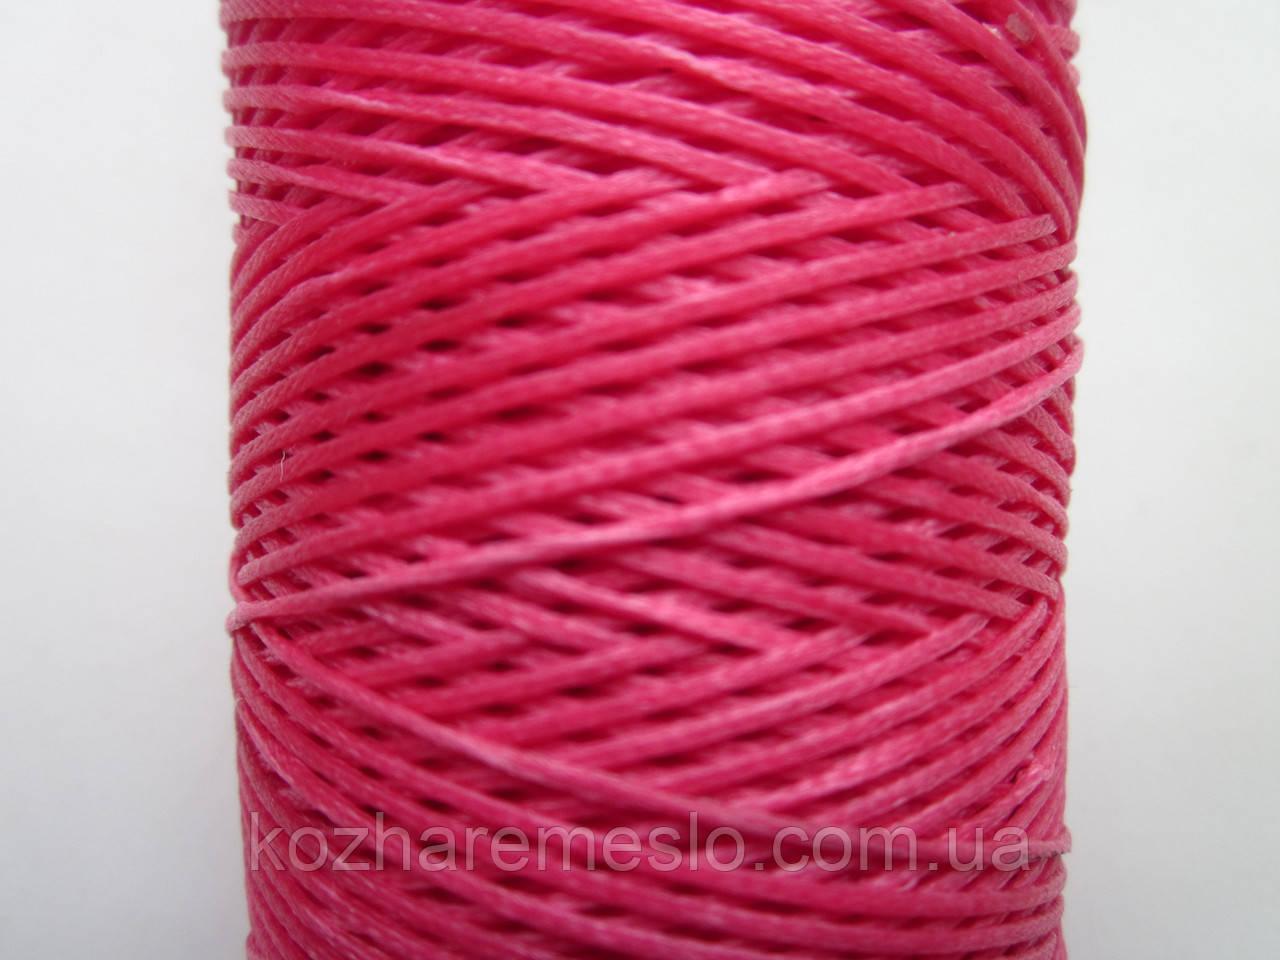 Нить вощёная плоская 0,8 мм розовая 125 метров